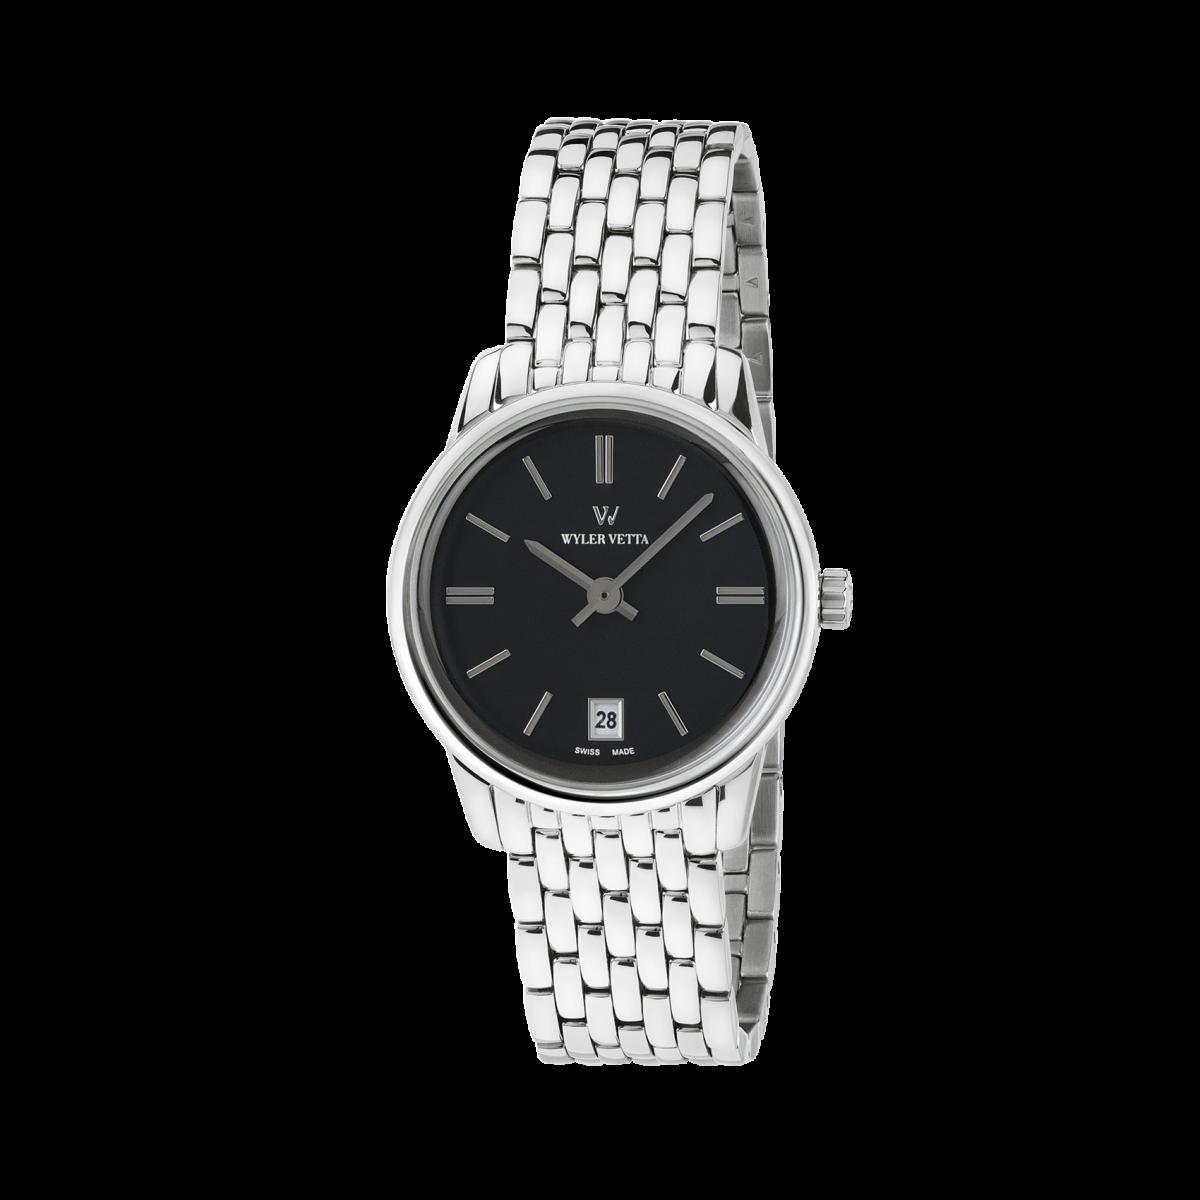 dove comprare autentico miglior prezzo per Orologi WYLER VETTA - WYLER VETTA Watches